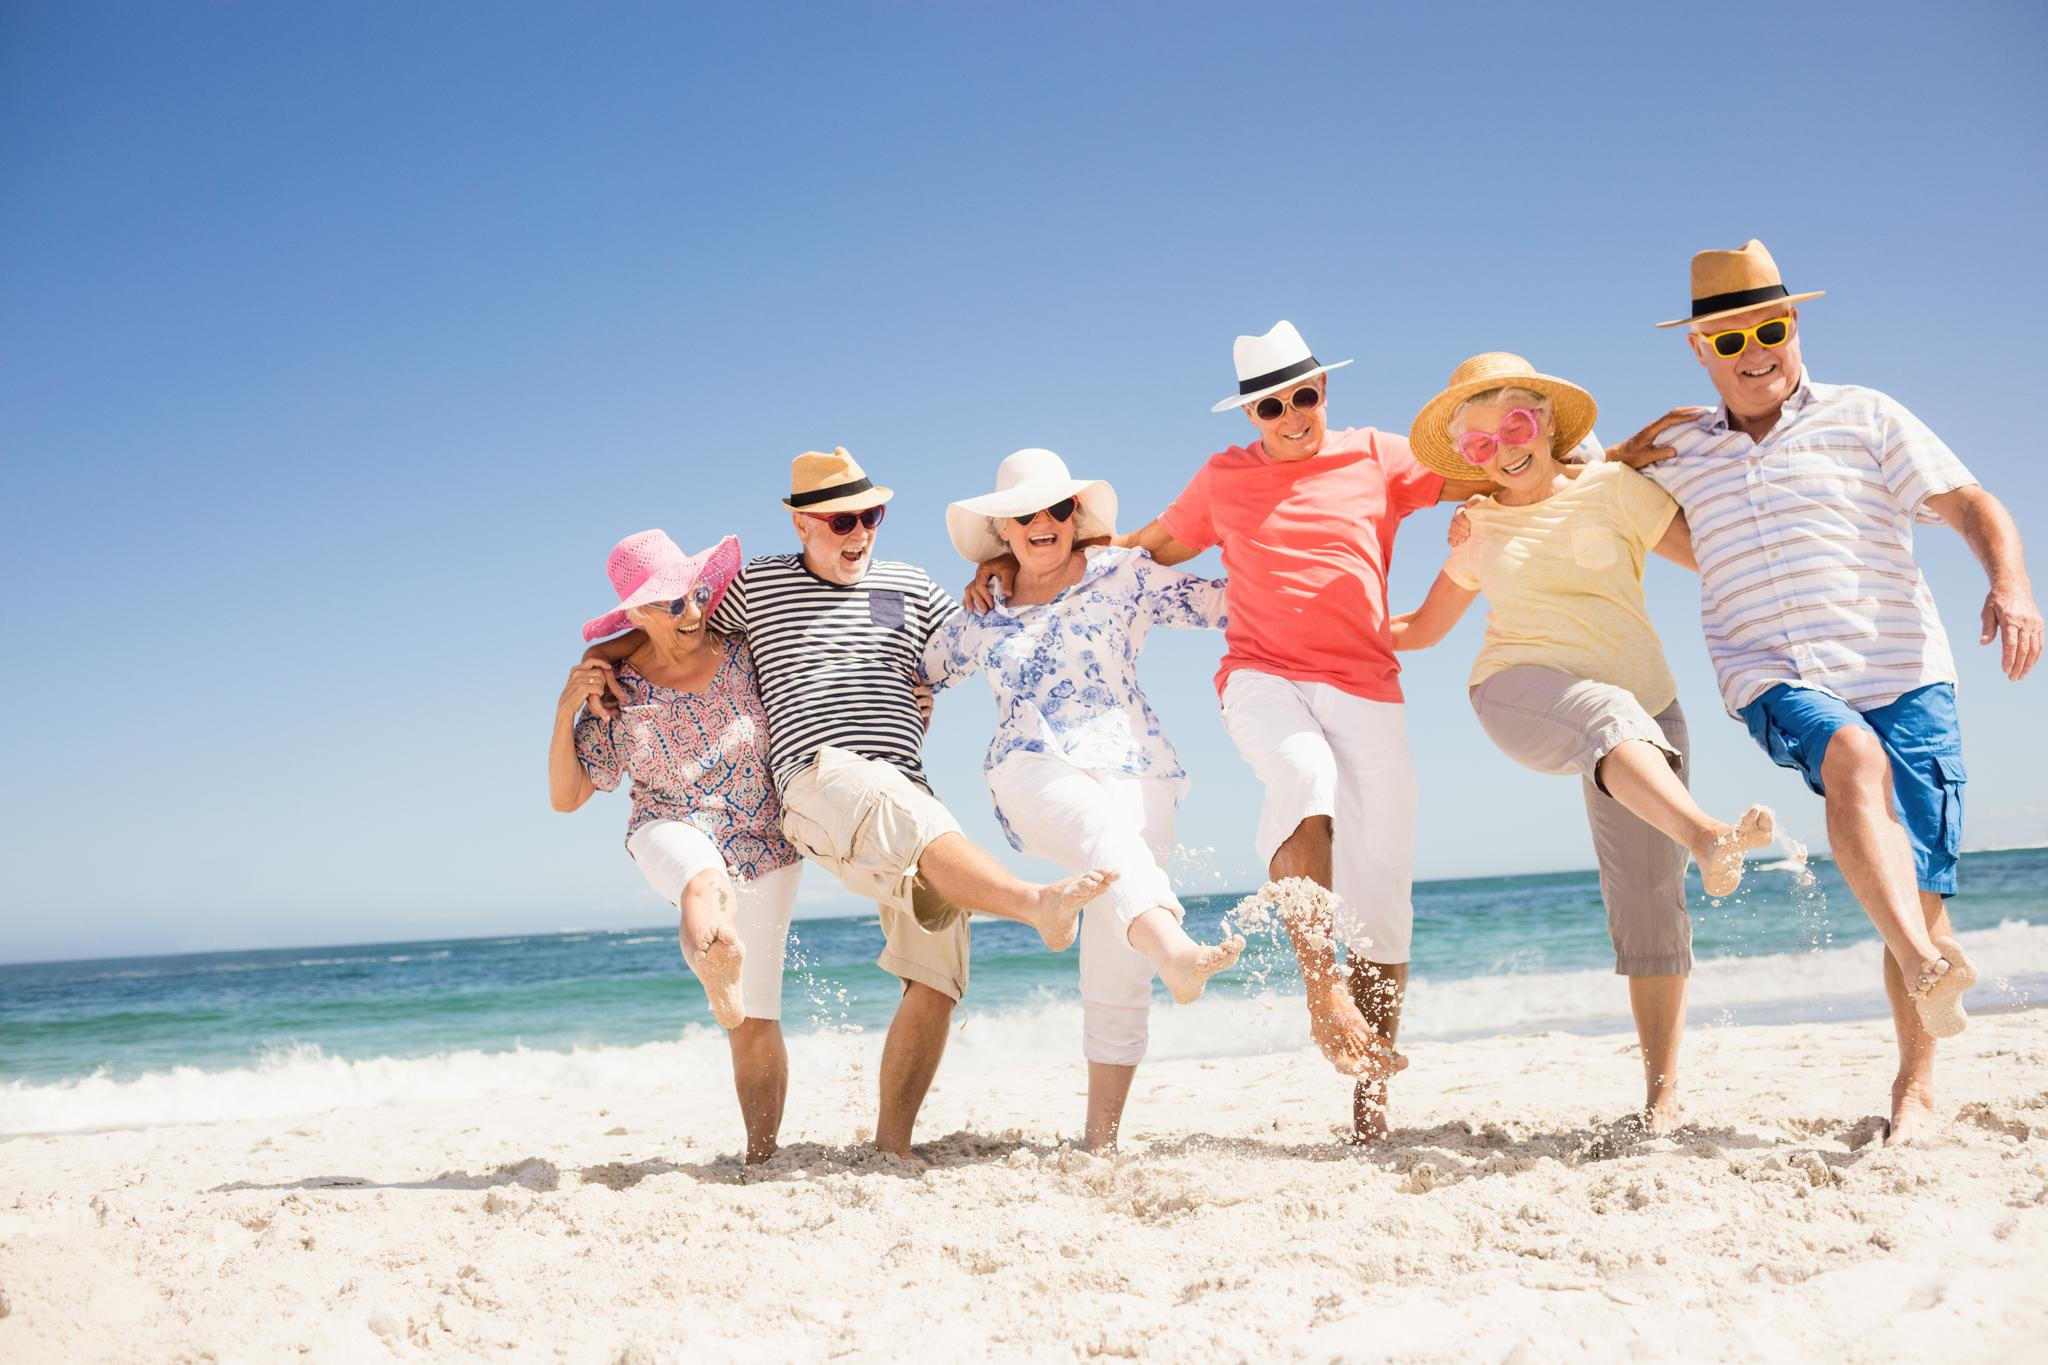 Ausgelassene Menschen bilden tanzend eine Kette am Strand